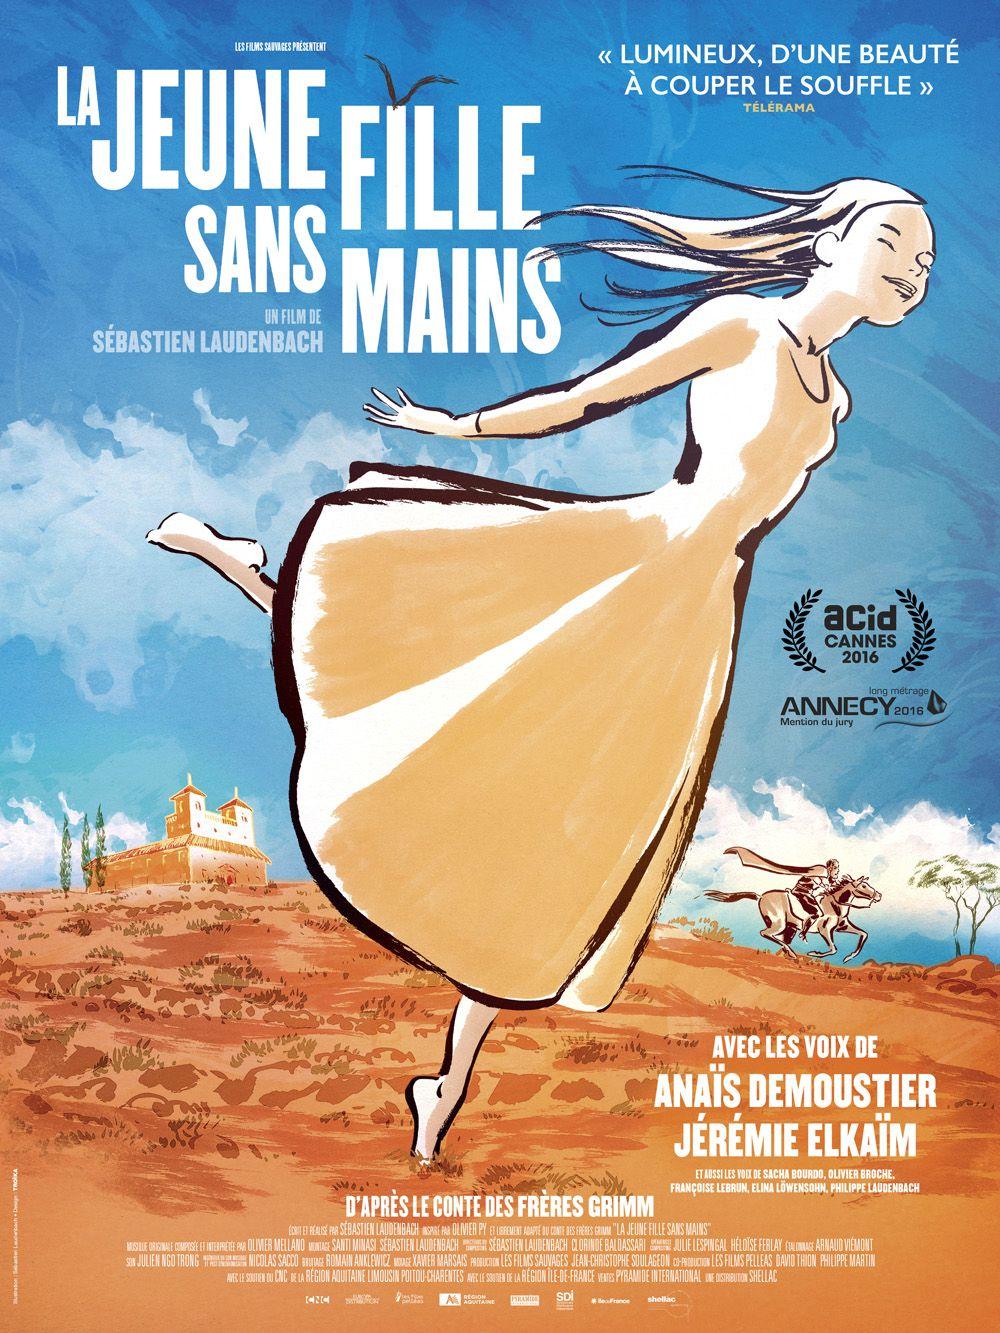 La Jeune fille sans mains - L'acid - Association du Cinéma Indépendant pour sa Diffusion